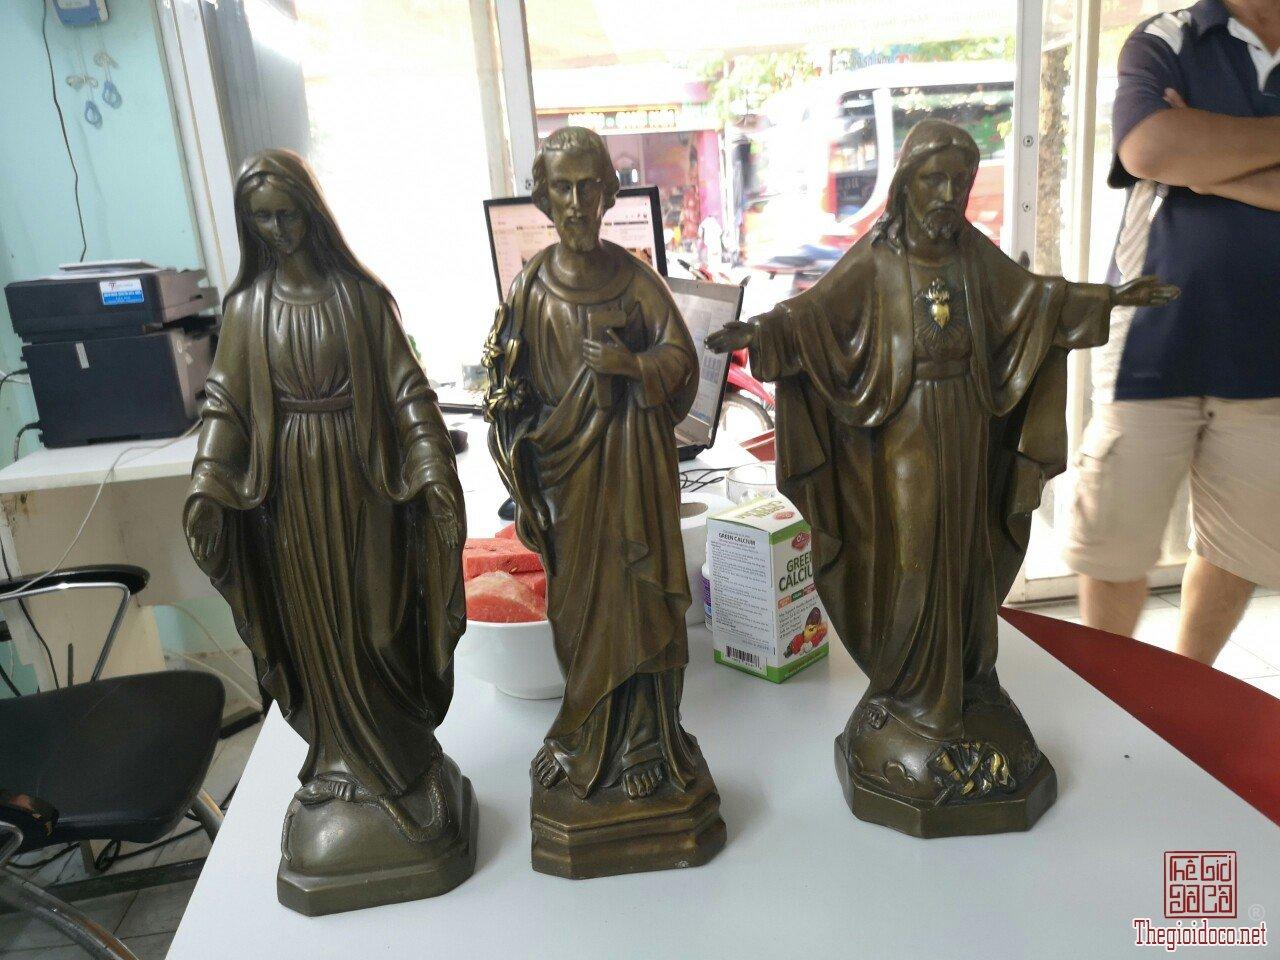 Bộ tượng Chúa Jesus và đức mẹ và thánh Giuse quý hiếm giá mềm